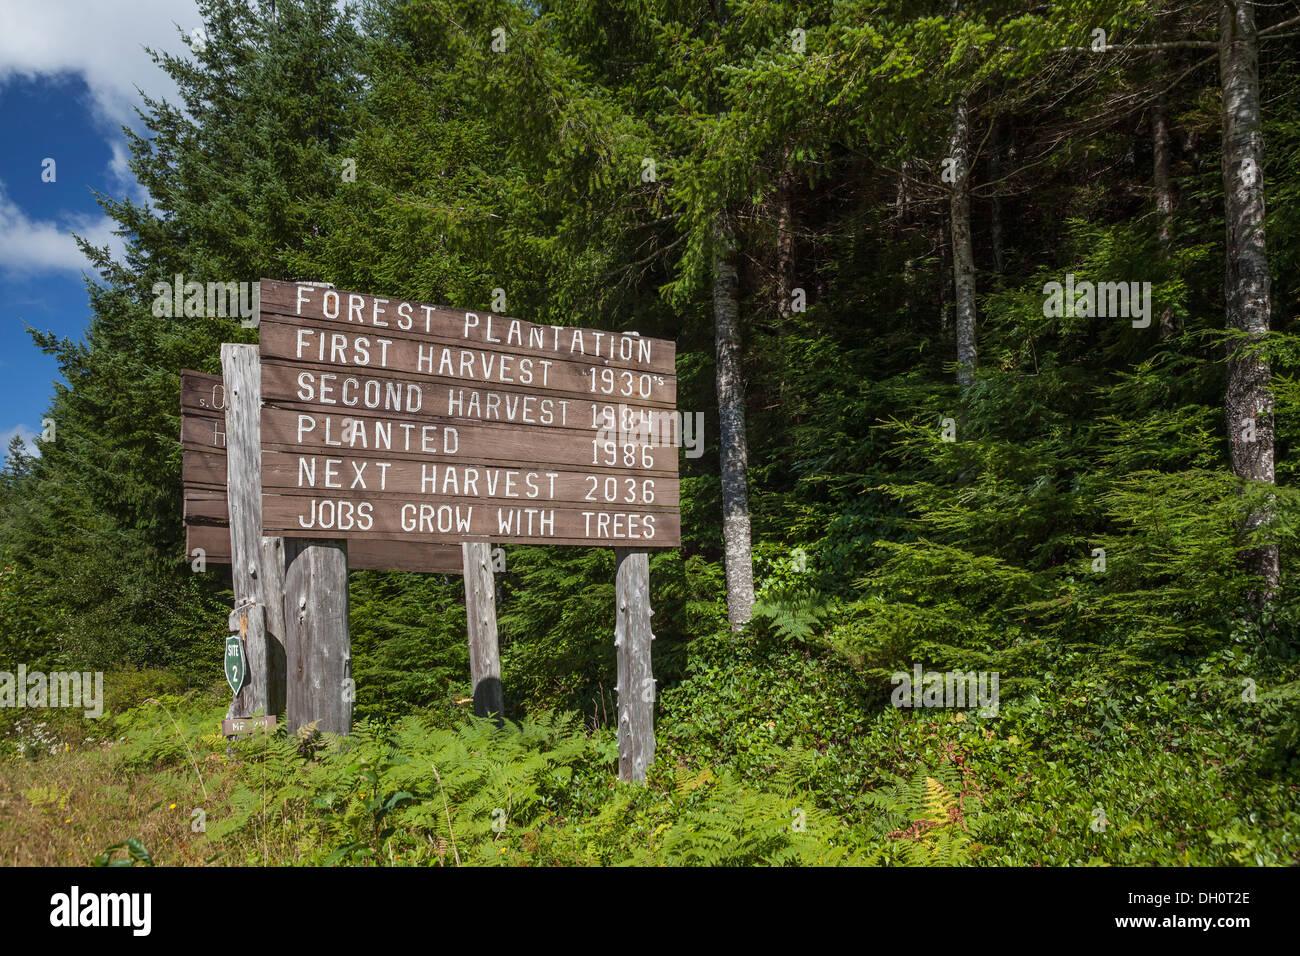 Tree Farm firmar mostrando fechas de cosecha justo en las afueras de Parque Nacional Olímpico, la Península Olímpica, Washington Foto de stock